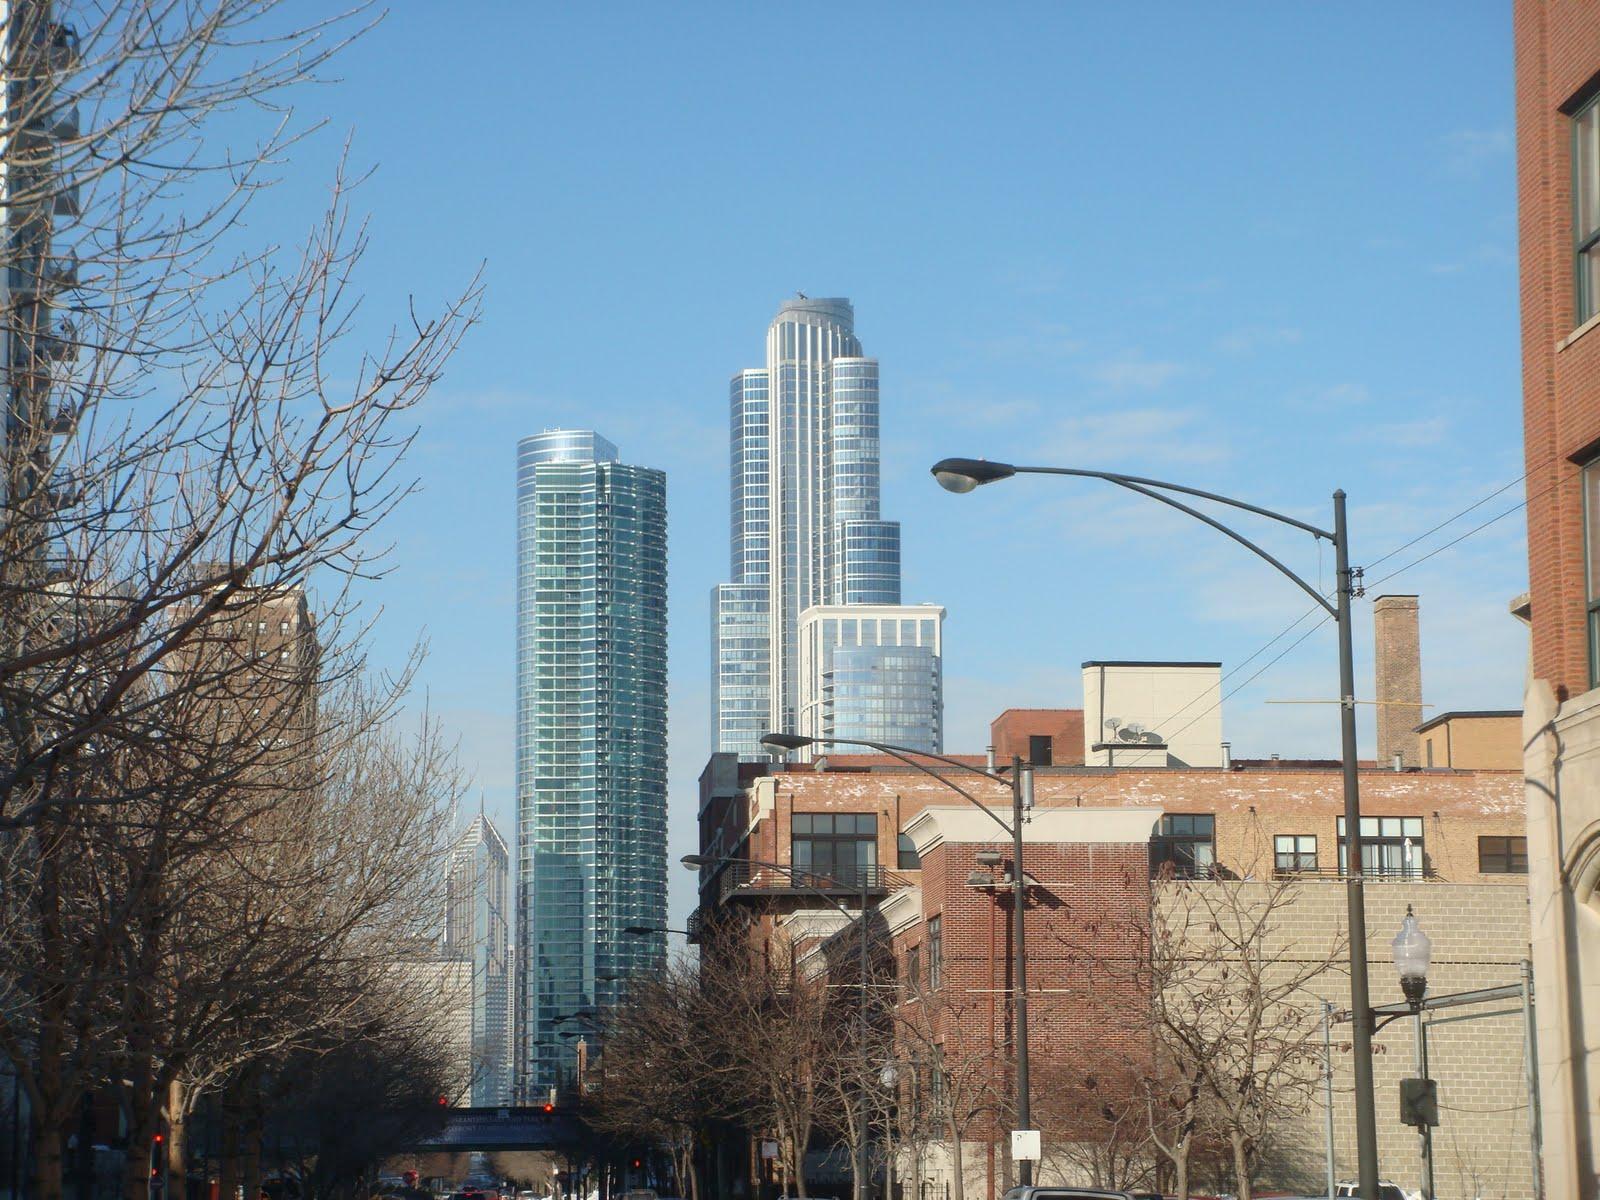 The Chicago Real Estate Local South Loop Three Bedroom Condo Sales